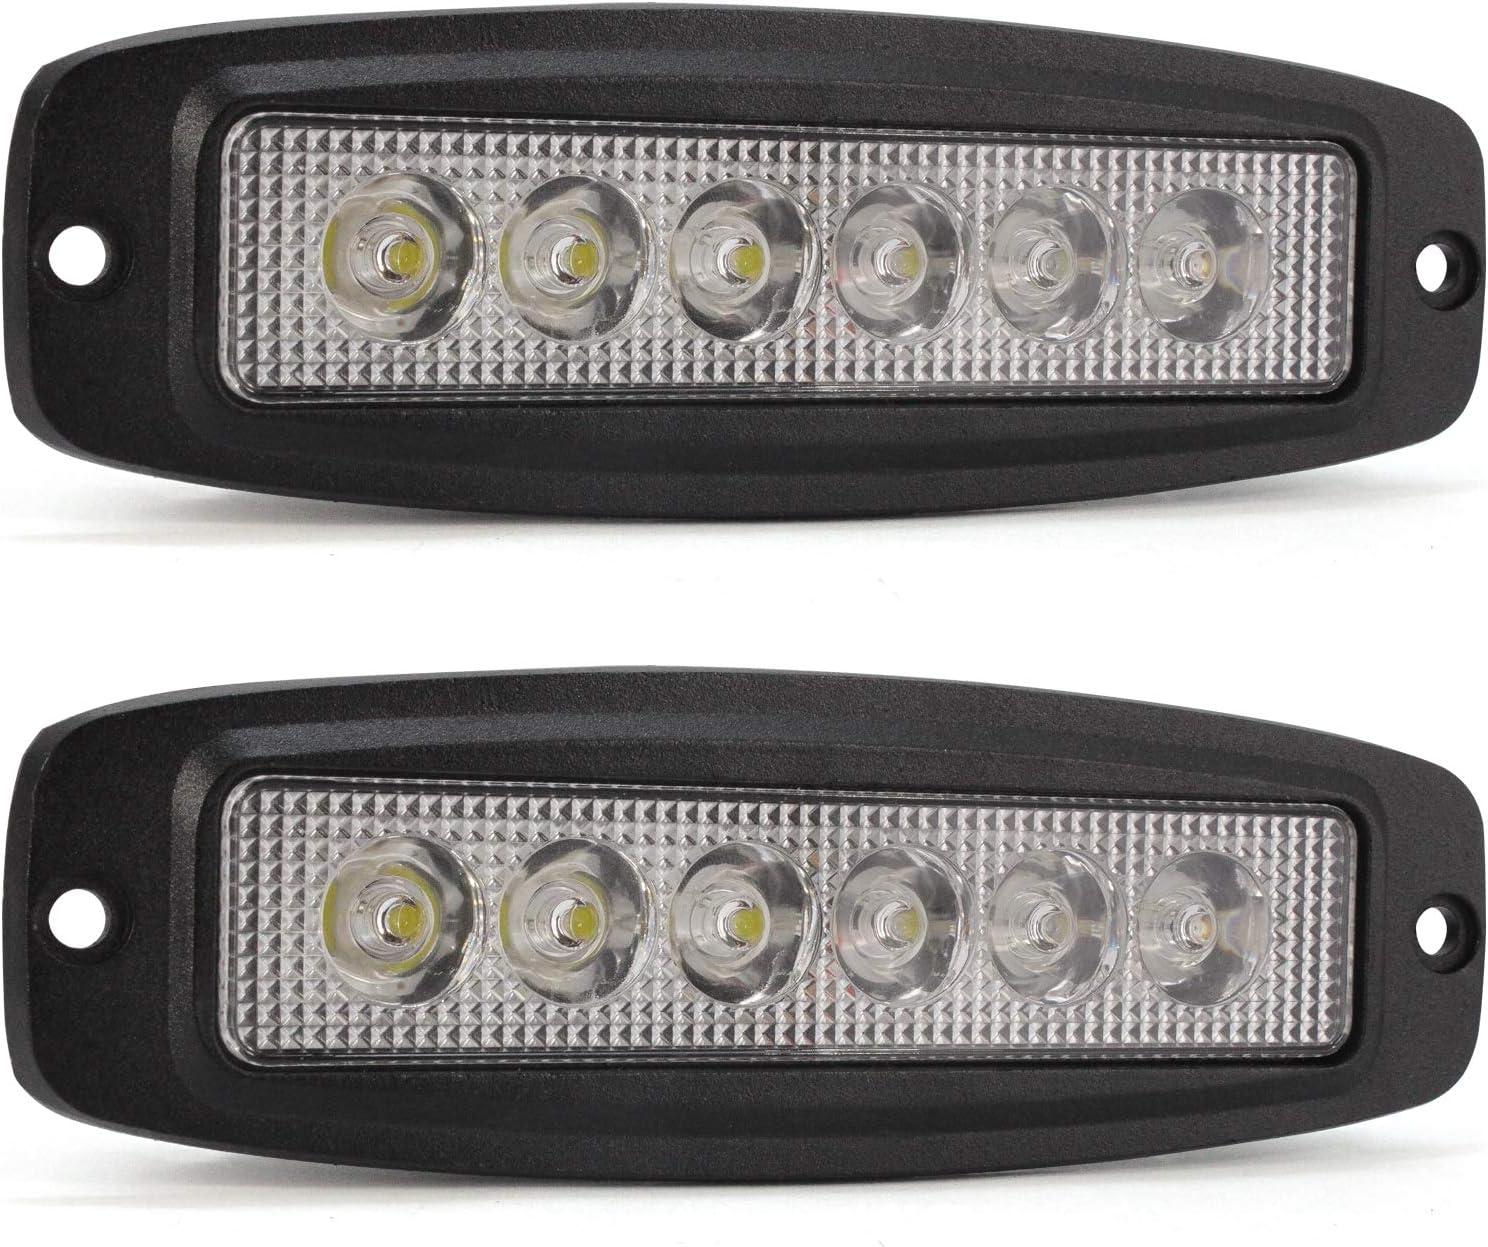 paquete de 2 YuanGu 18W Led barra de luz de trabajo Luz LED diurna delgada 12V 24V con 1800LMS 6000K para camiones de autom/óviles Barco SUV ATV J-e-e Offroad